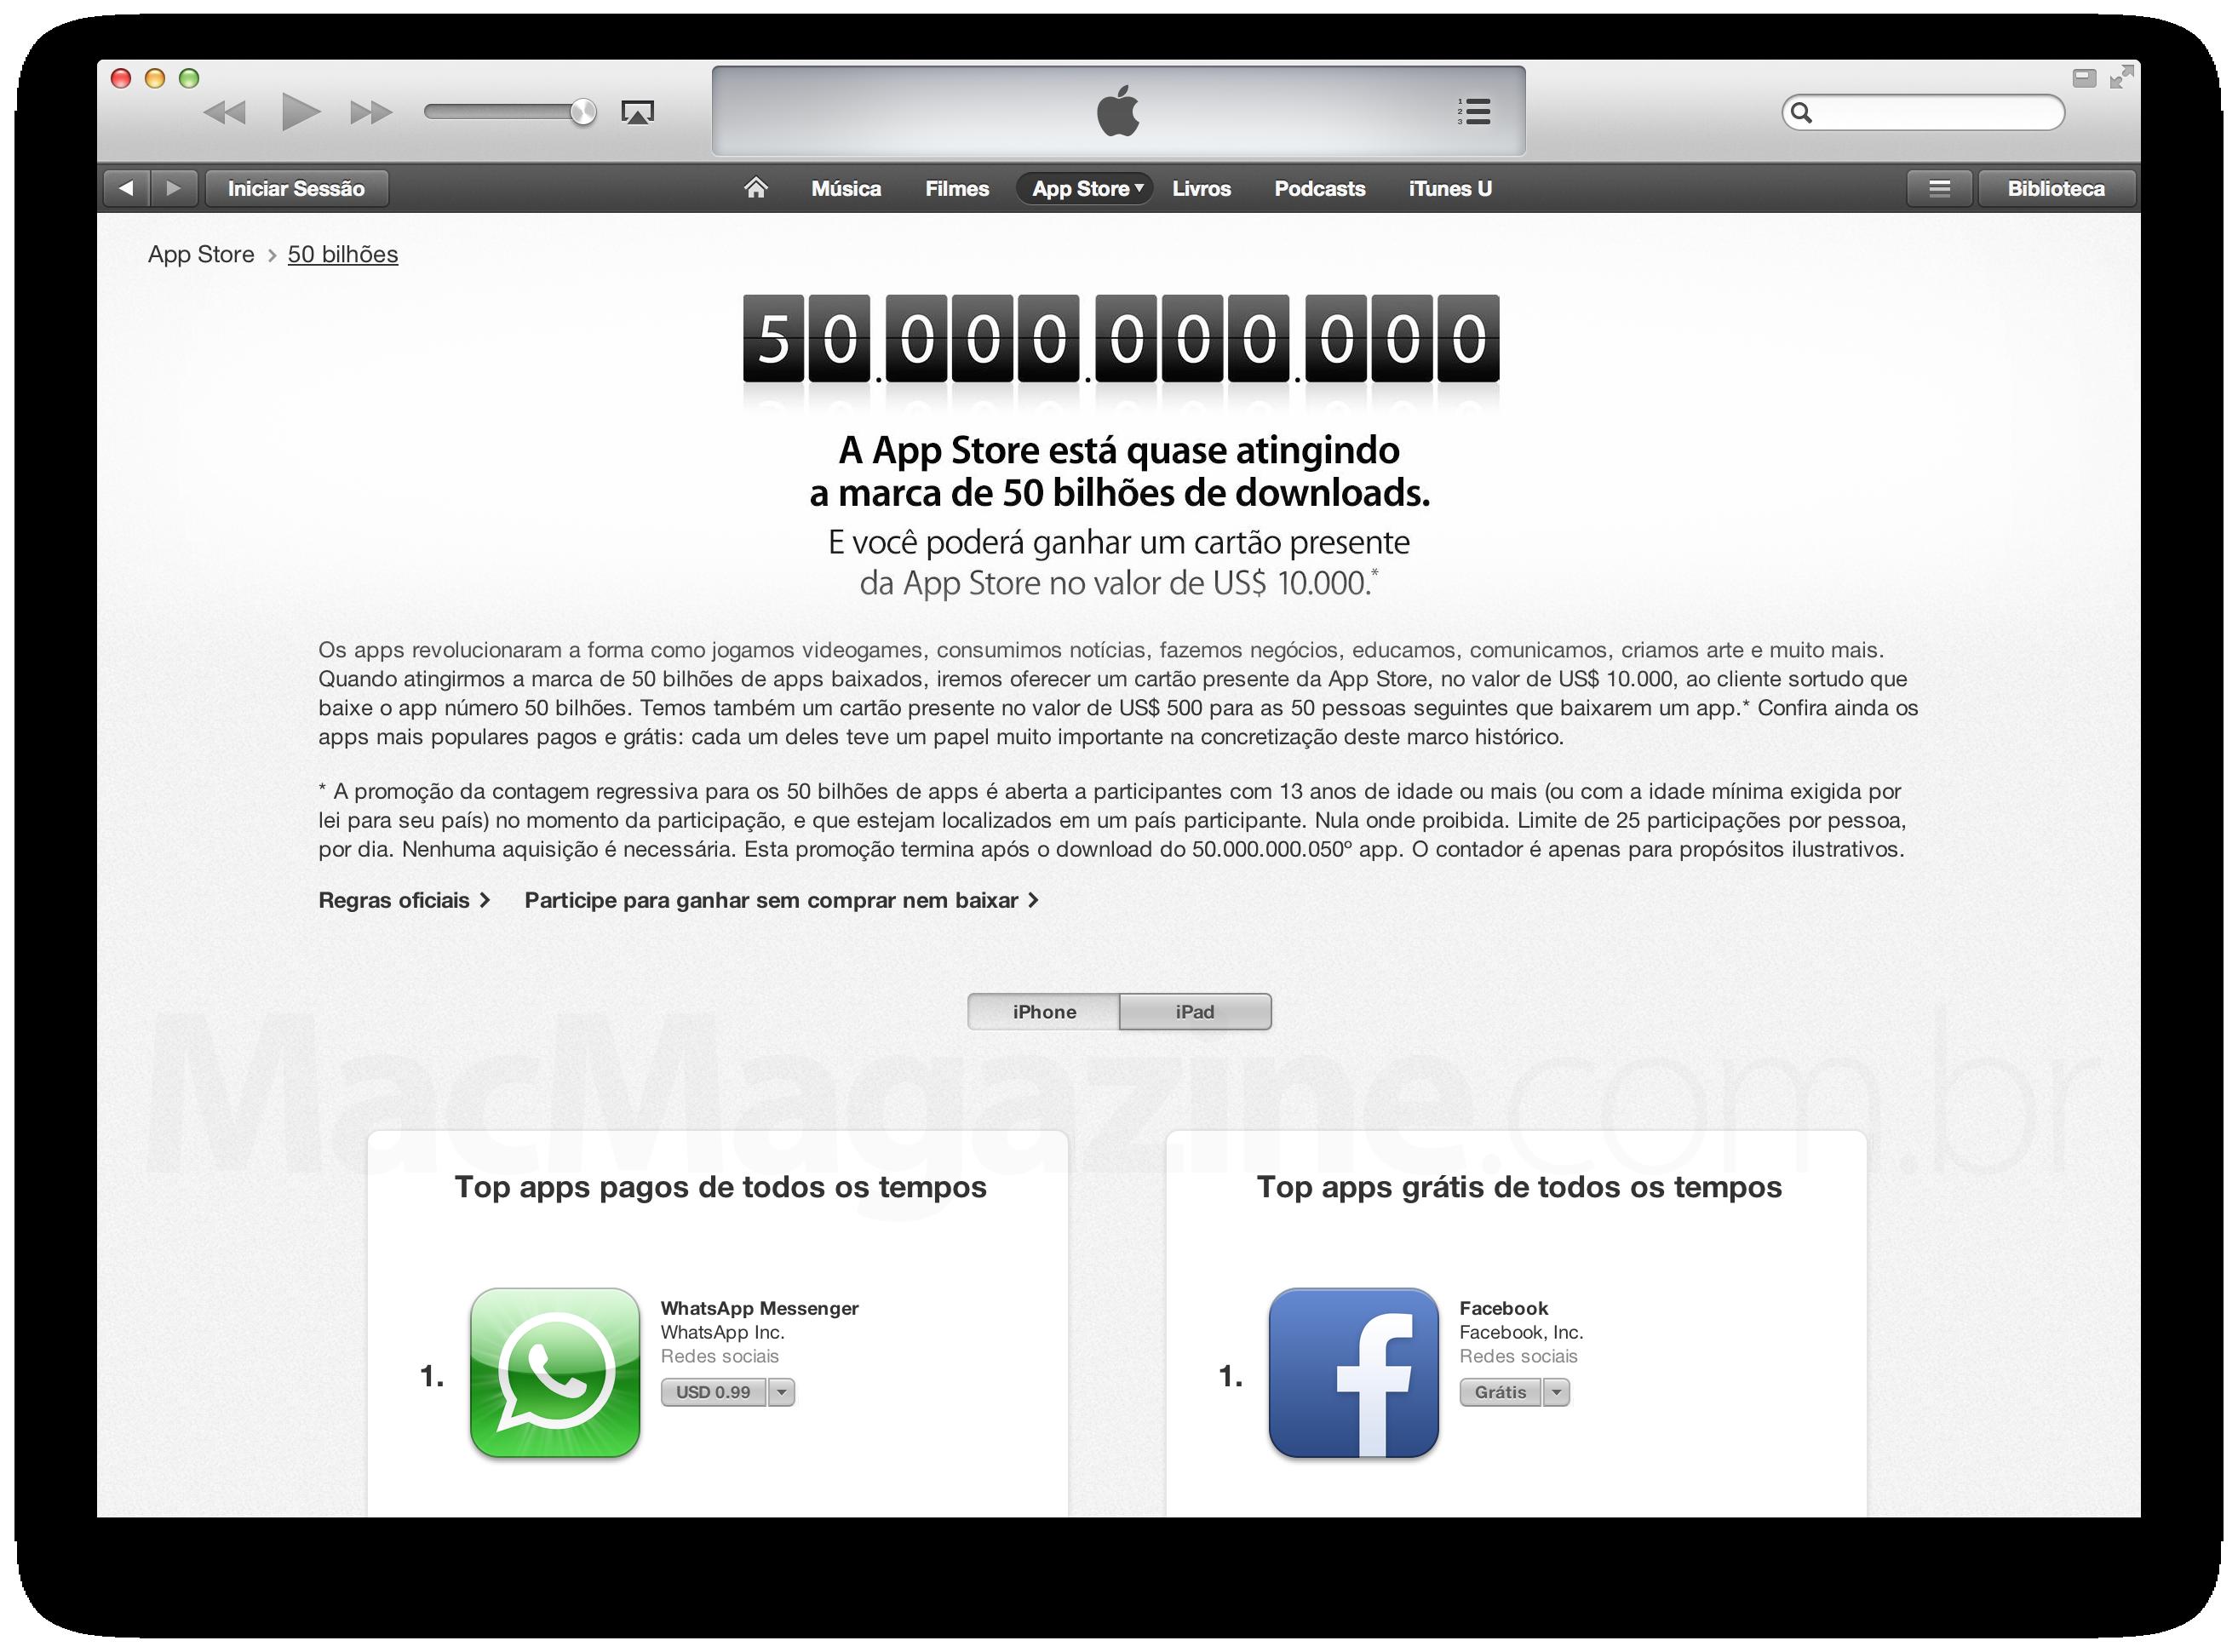 Contagem regressiva no iTunes (50 bilhões de apps)